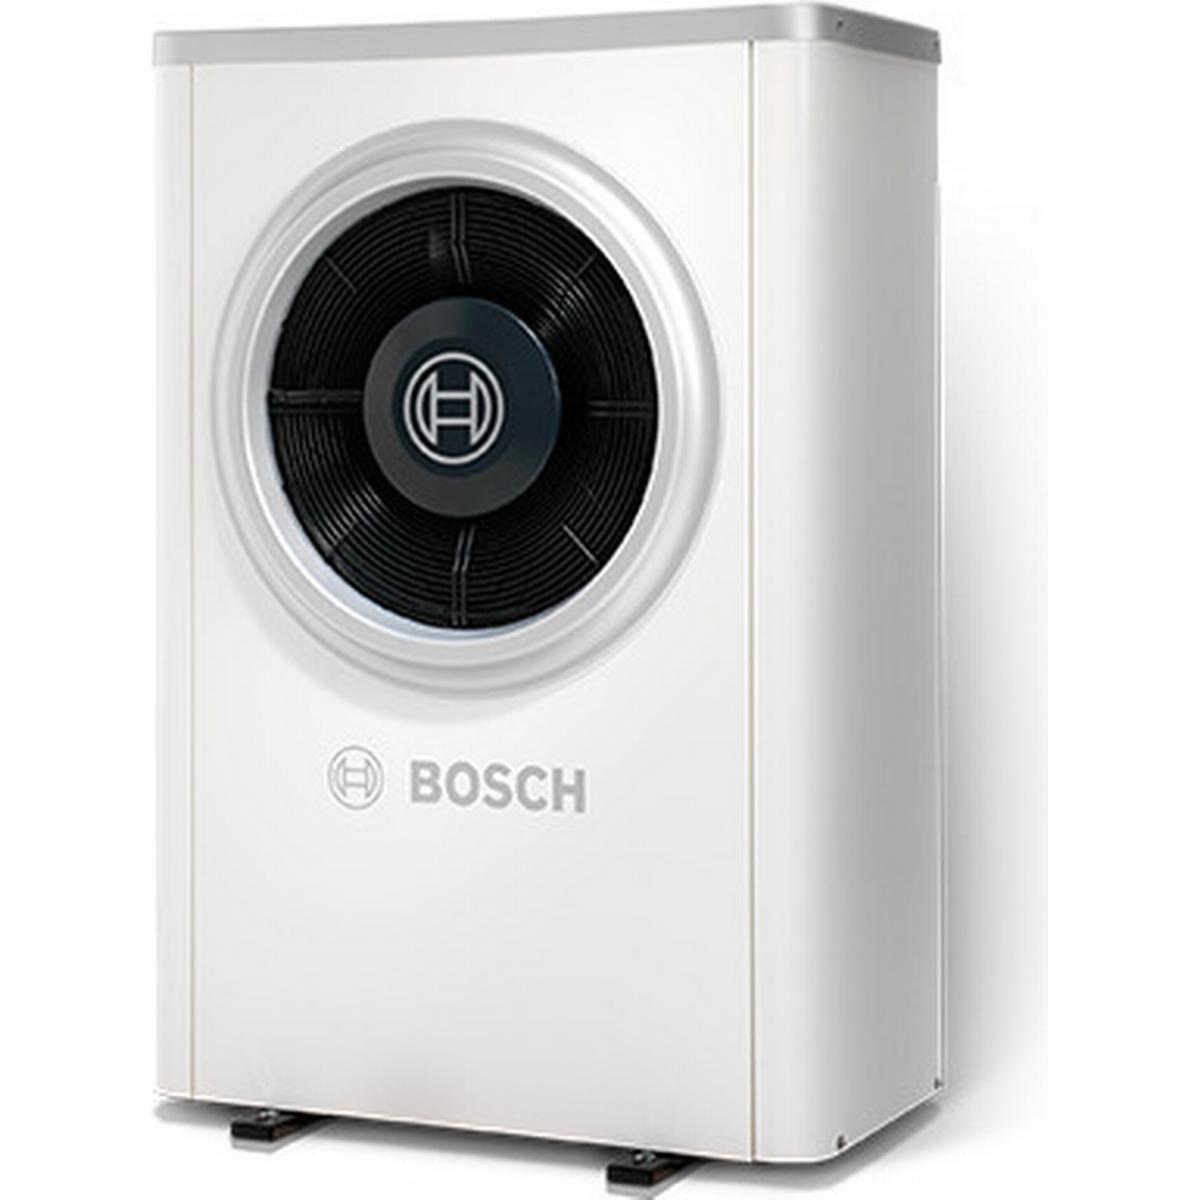 Groovy Bosch Luft til vand-varmepumpe - Sammenlign priser hos PriceRunner JQ44